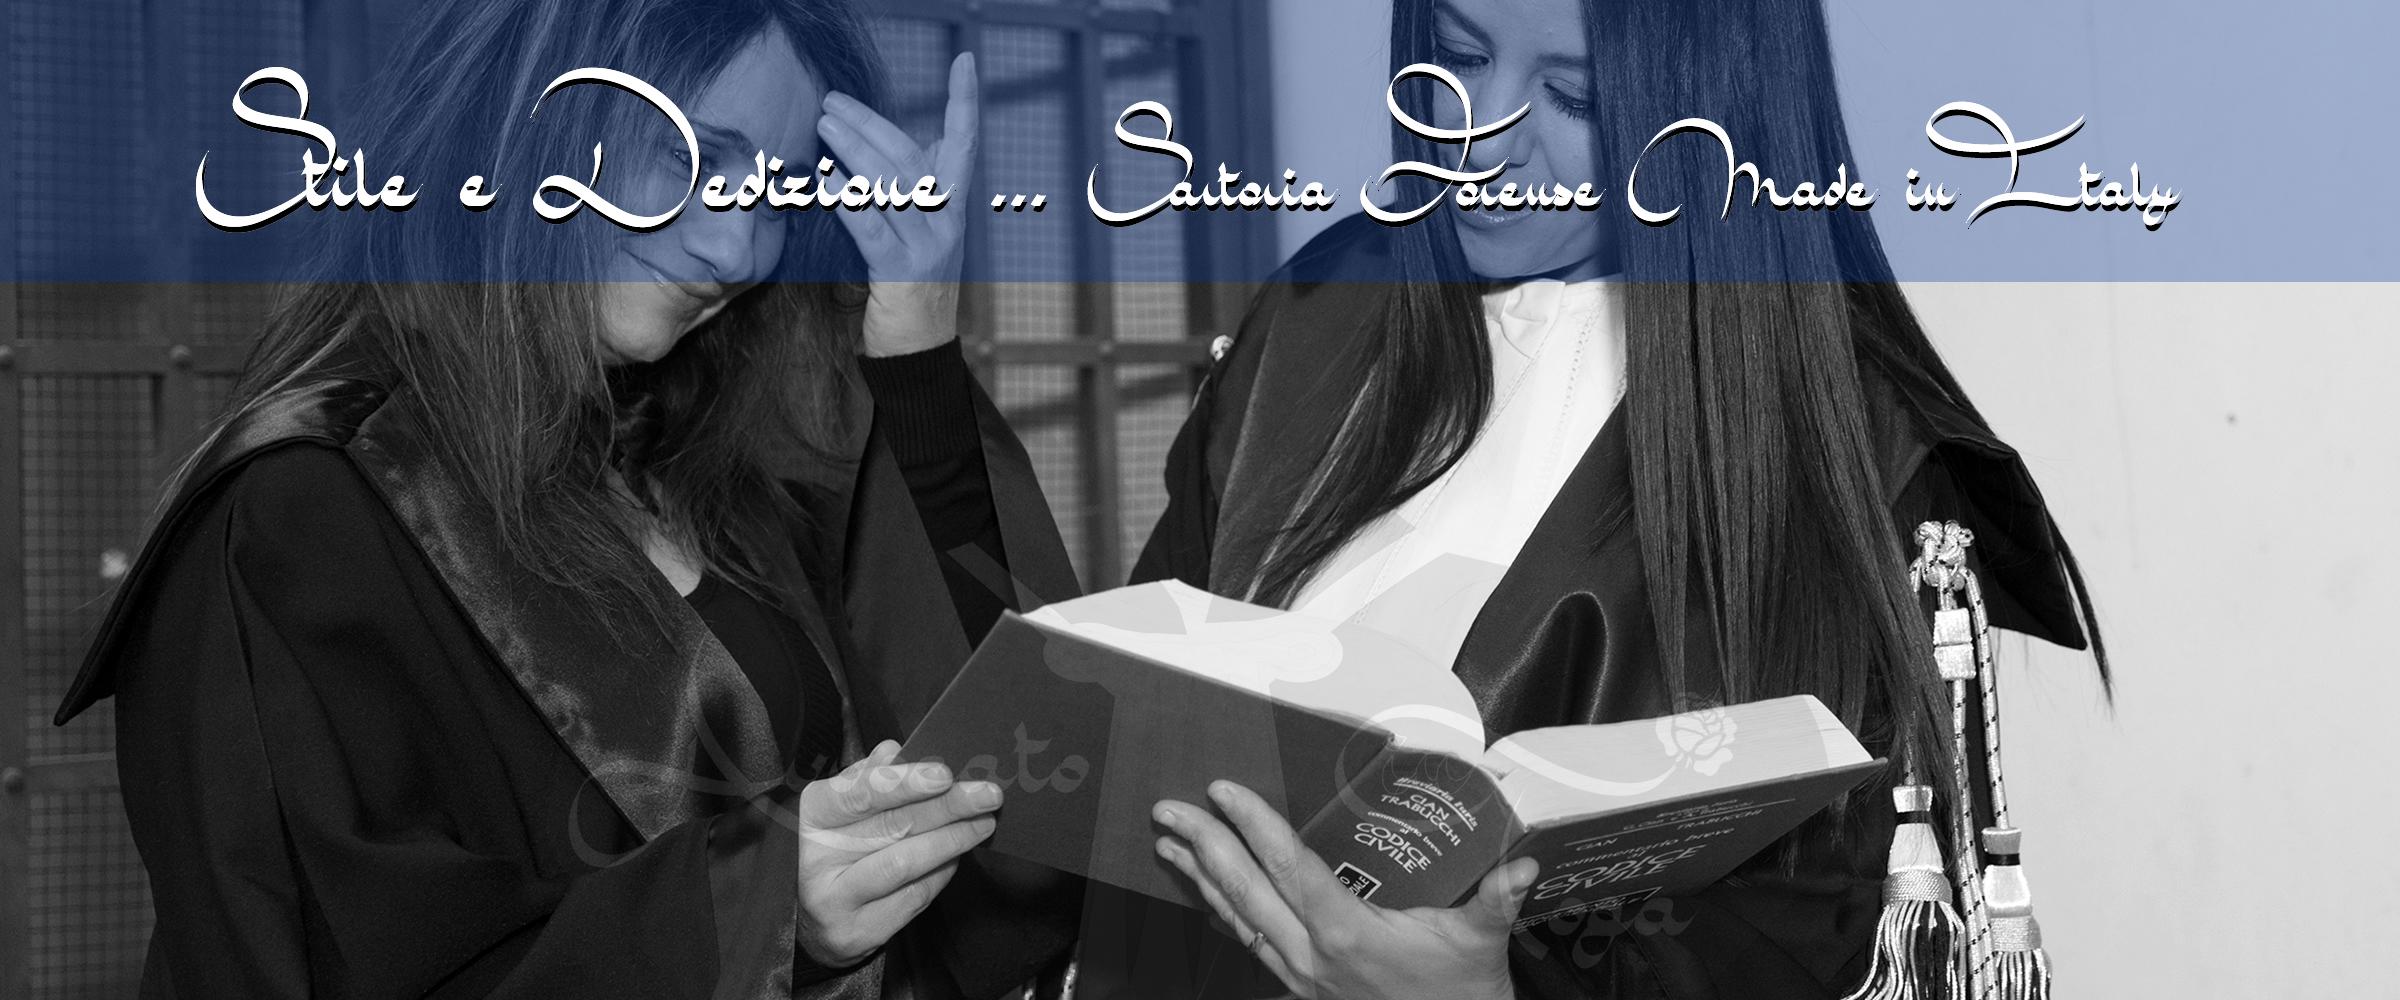 toghe in promozione per-avvocati-donne-sartoria-forense-img-slide-b-n-2400-1000